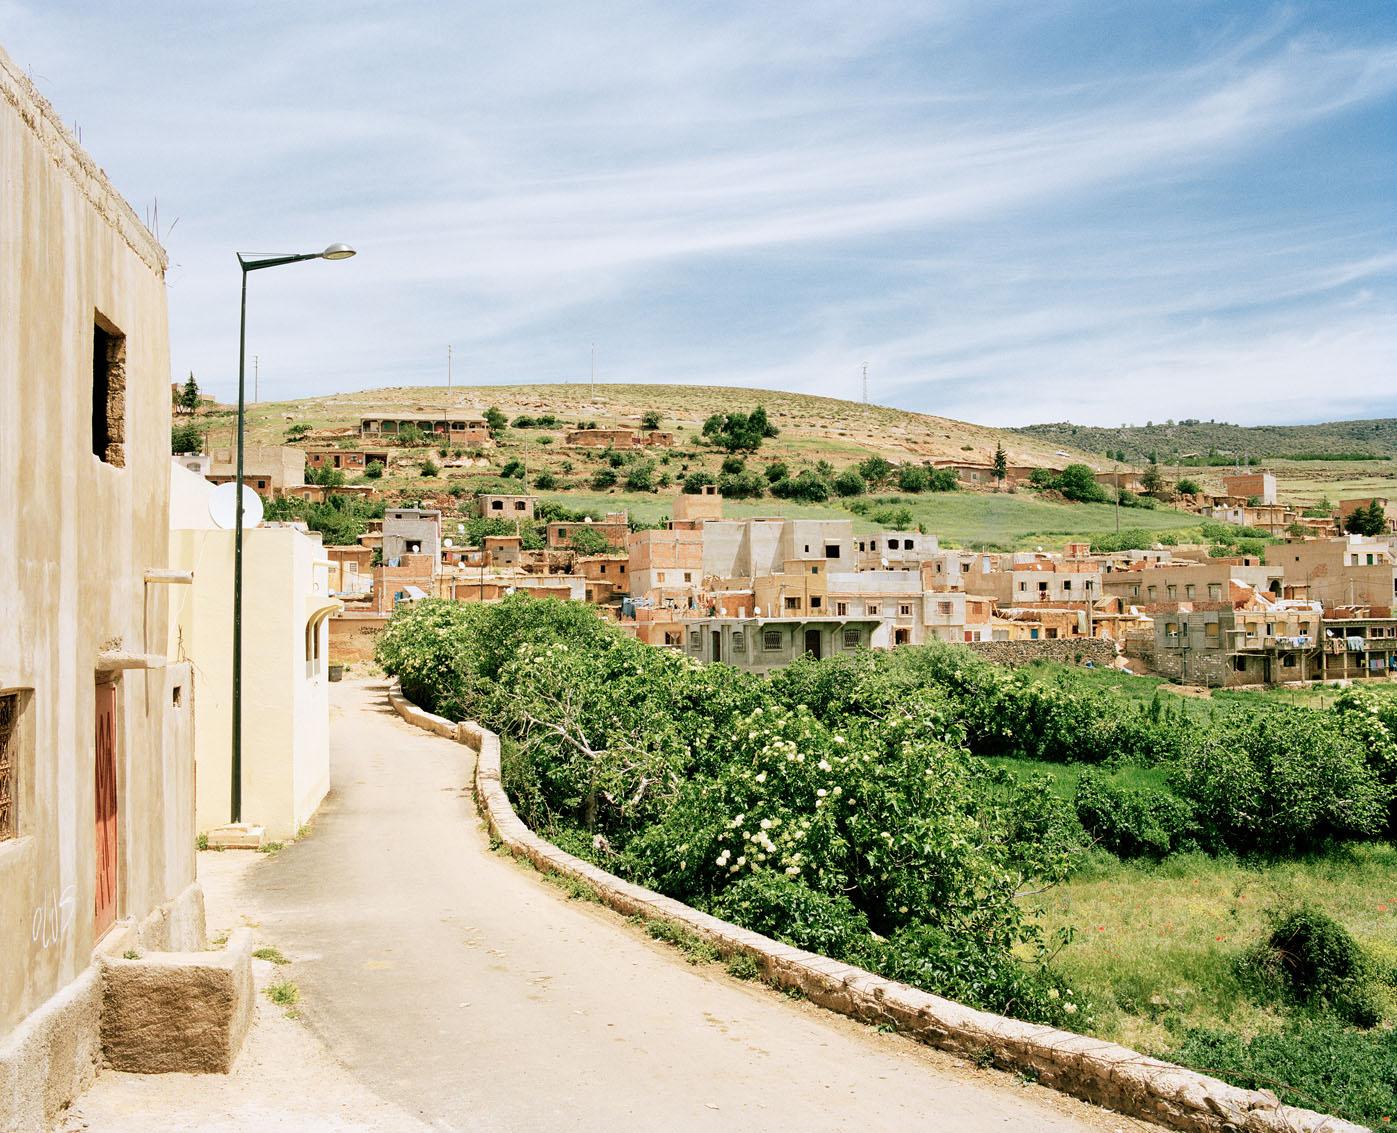 Le village de Ben Smim, Maroc.